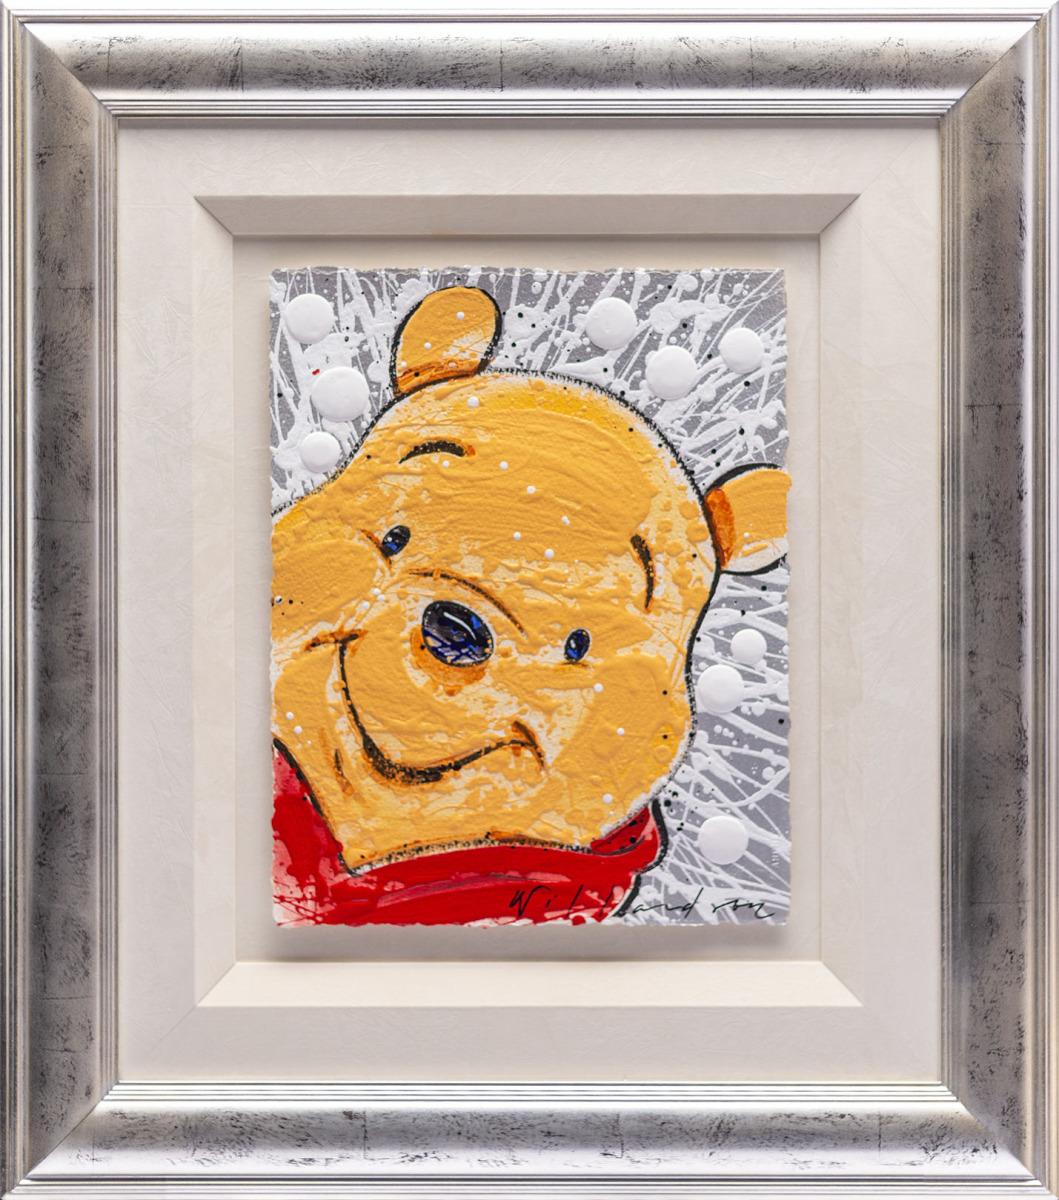 【版画】【中古】 MMMMM/クマのプーさん(オリジナル) アクリル 本人 ペン サイン 【ディズニー】デイビット・ウィラードソン(Disney David Willardson)